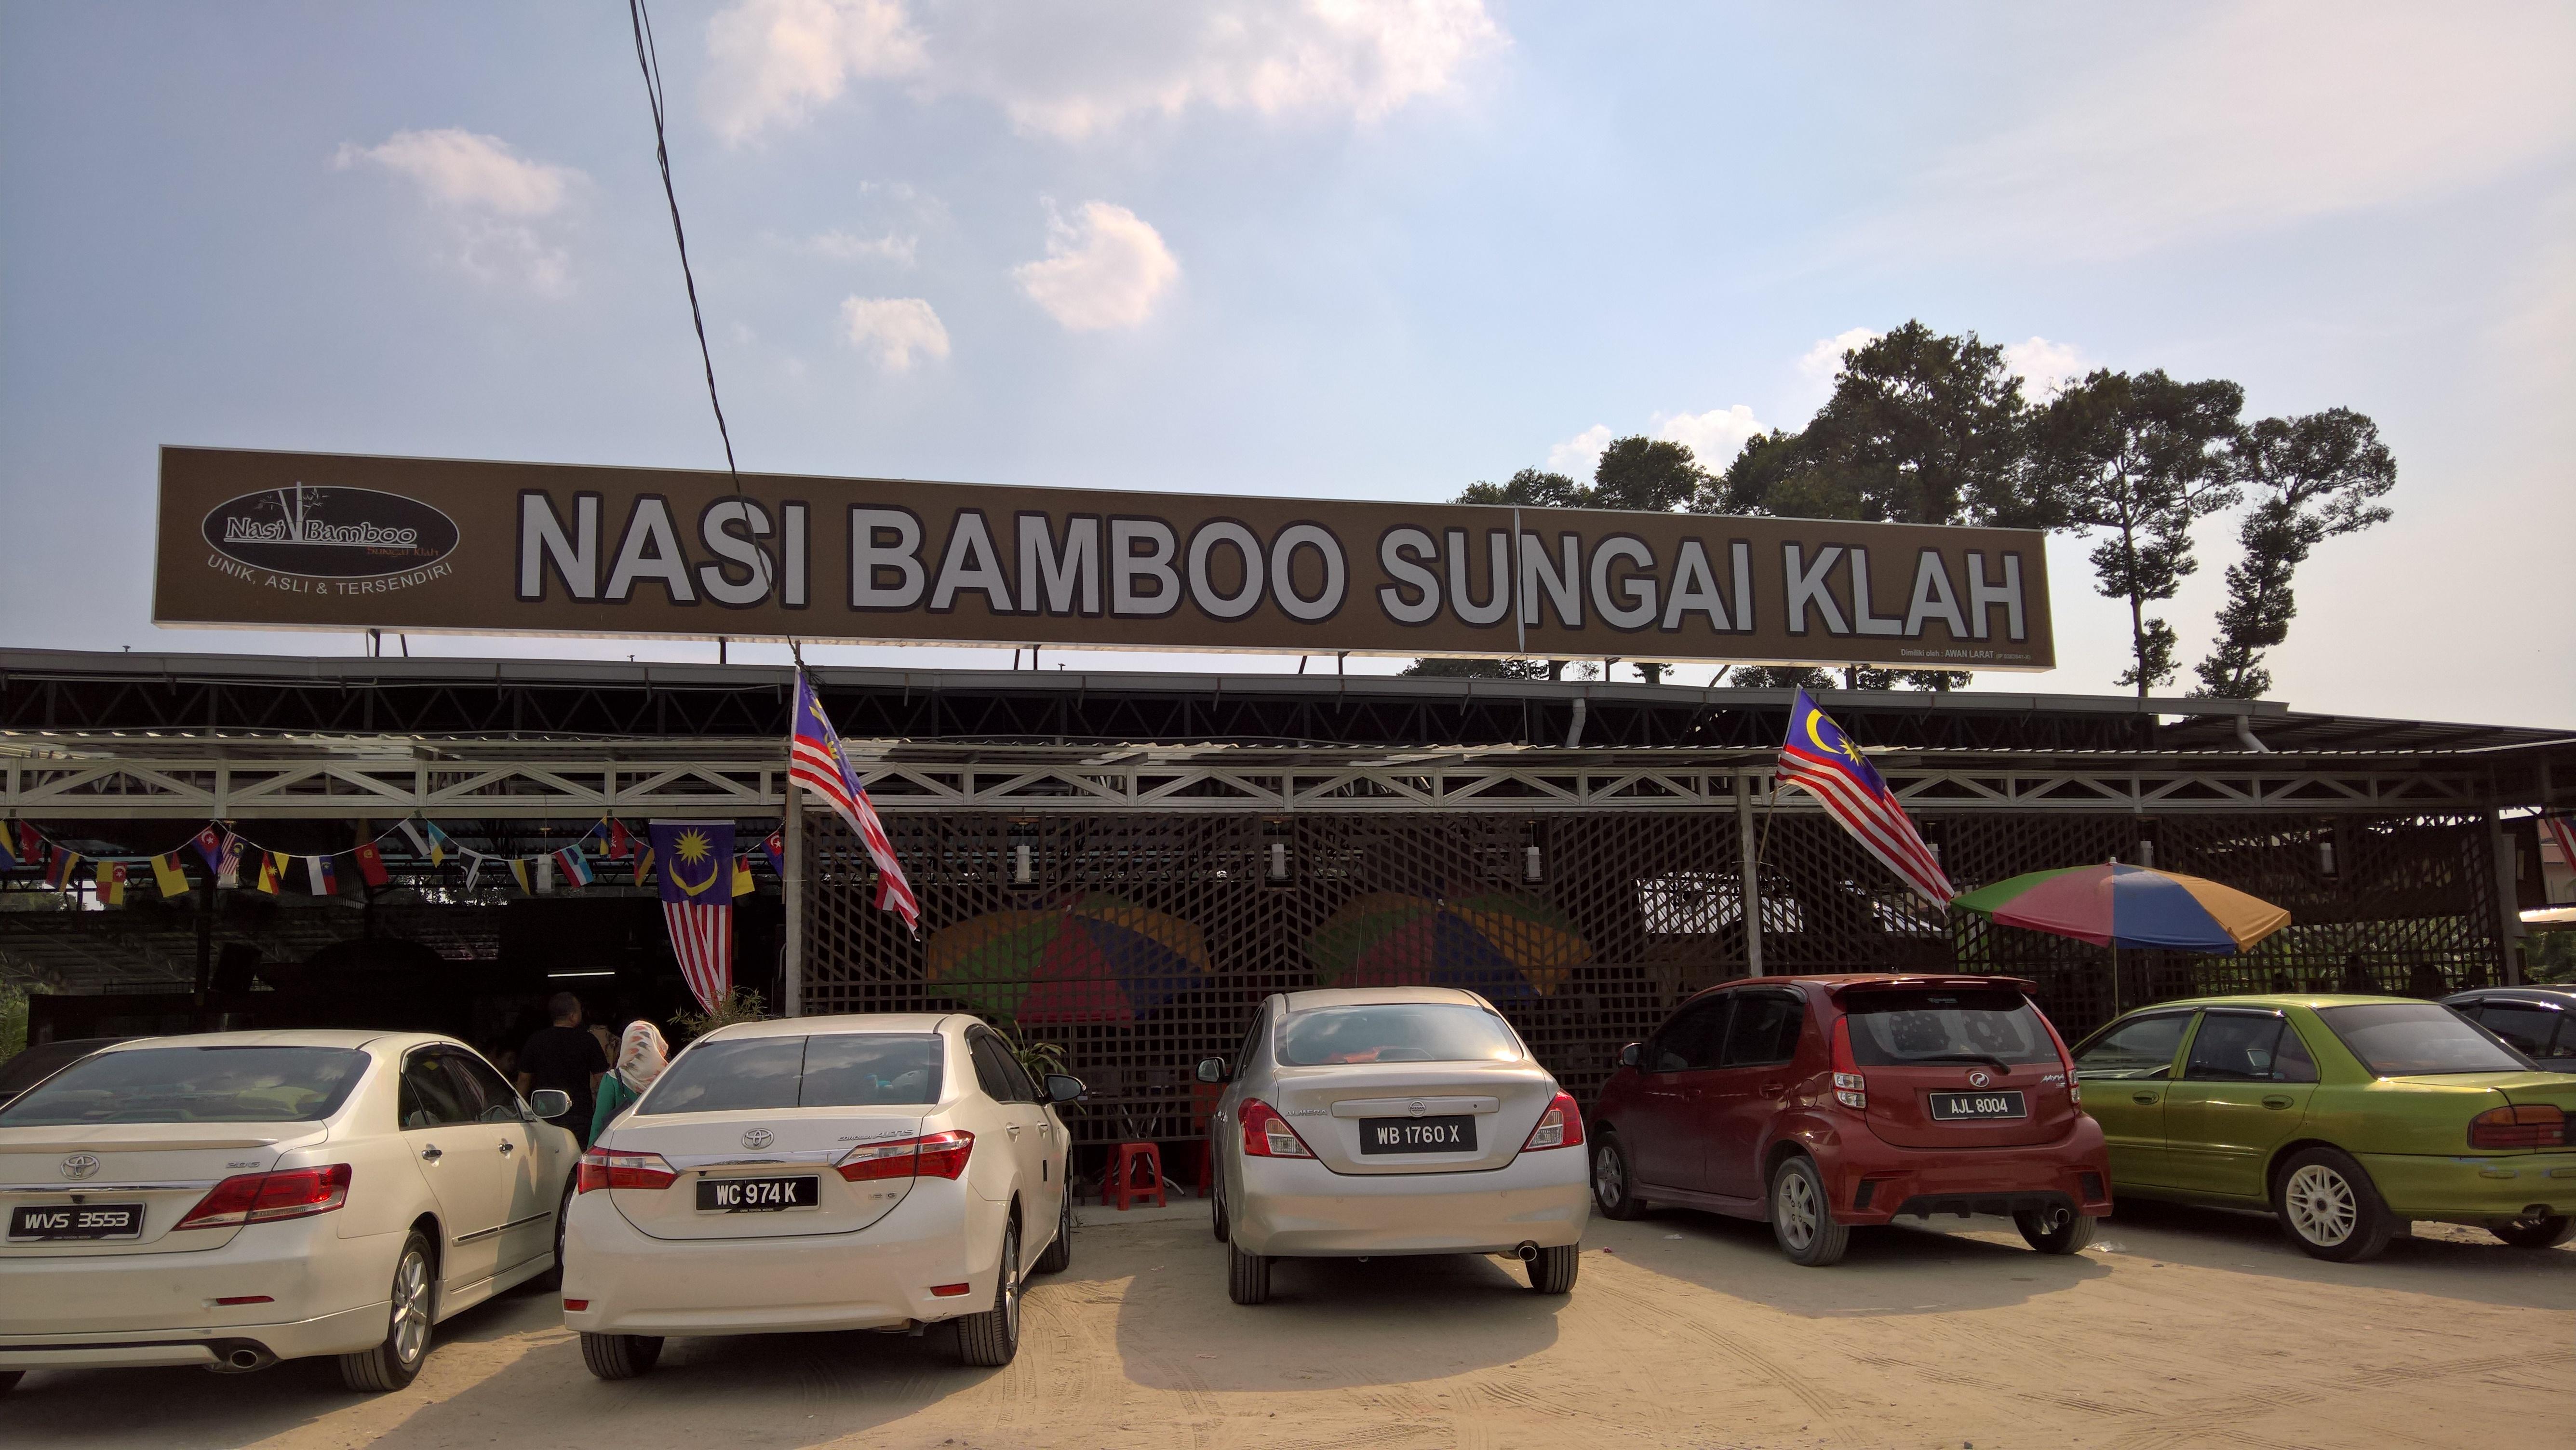 Nasi Bamboo Sungai Klah restaurant.